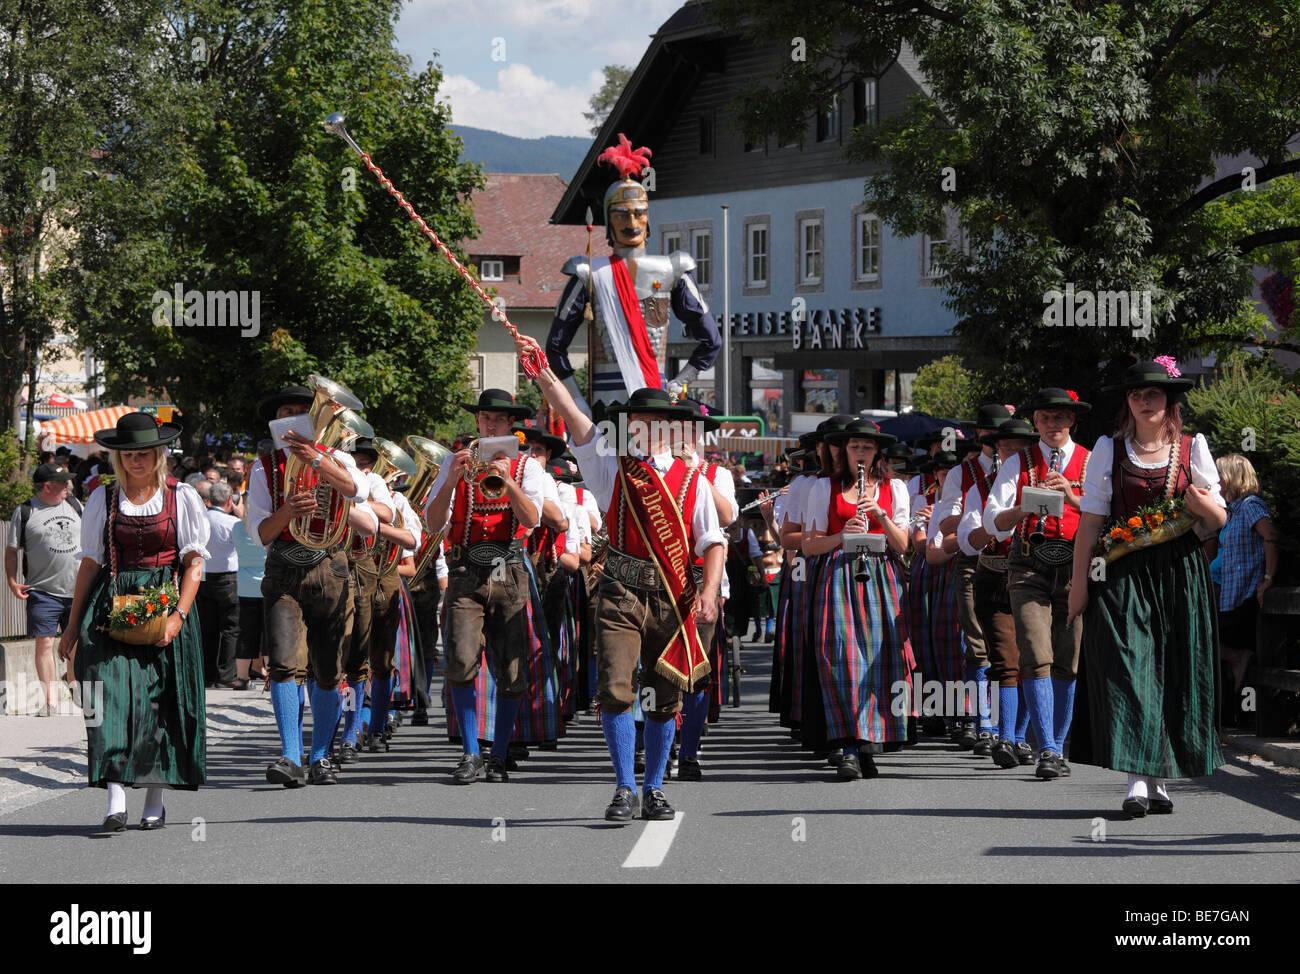 Samson und Zwerg, Samson-Parade in Mariapfarr, Lungau, Salzburg, Salzburg, Österreich, Europa Stockbild